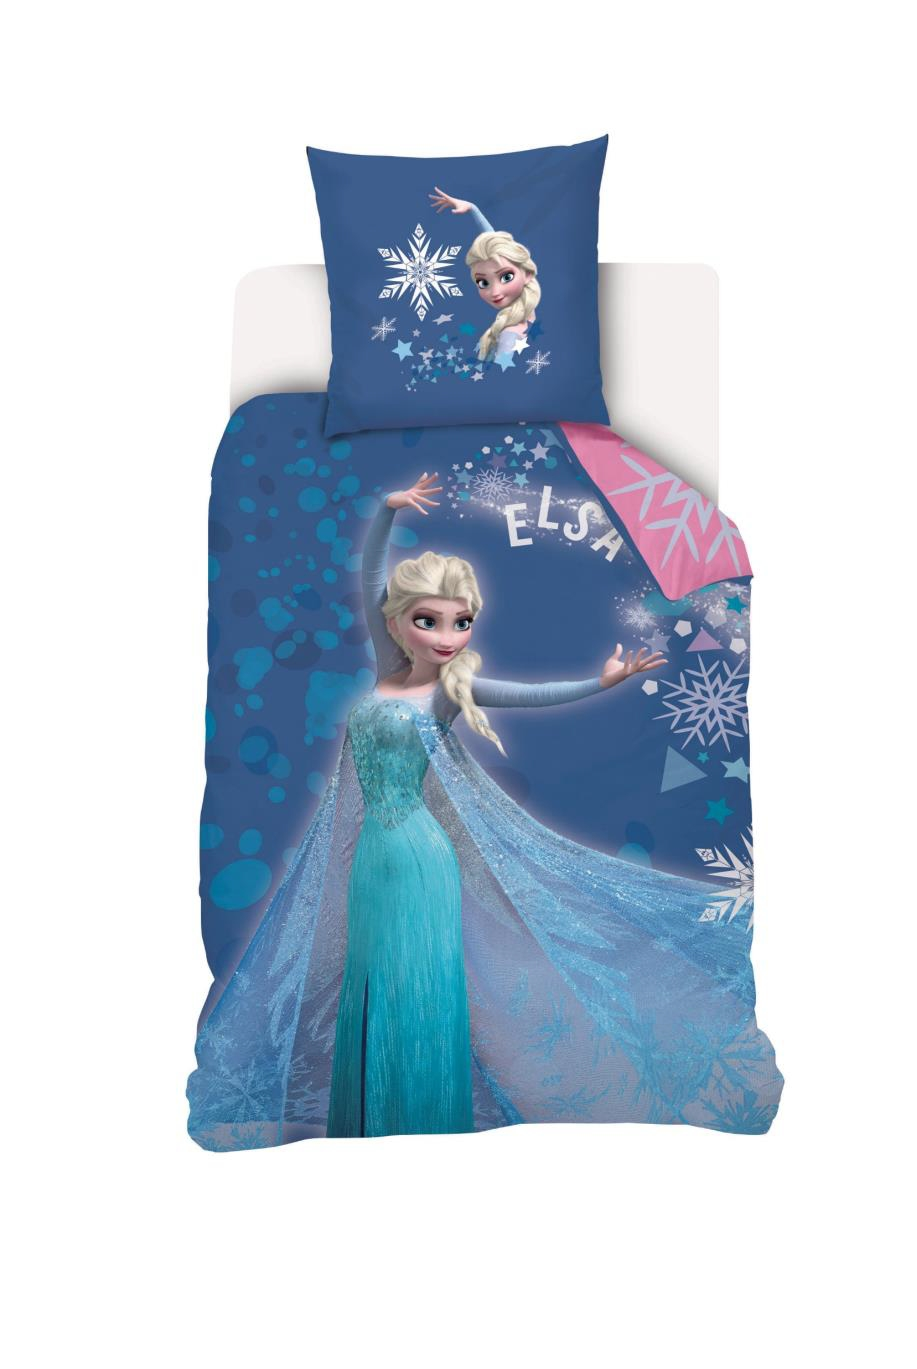 Elsa 1